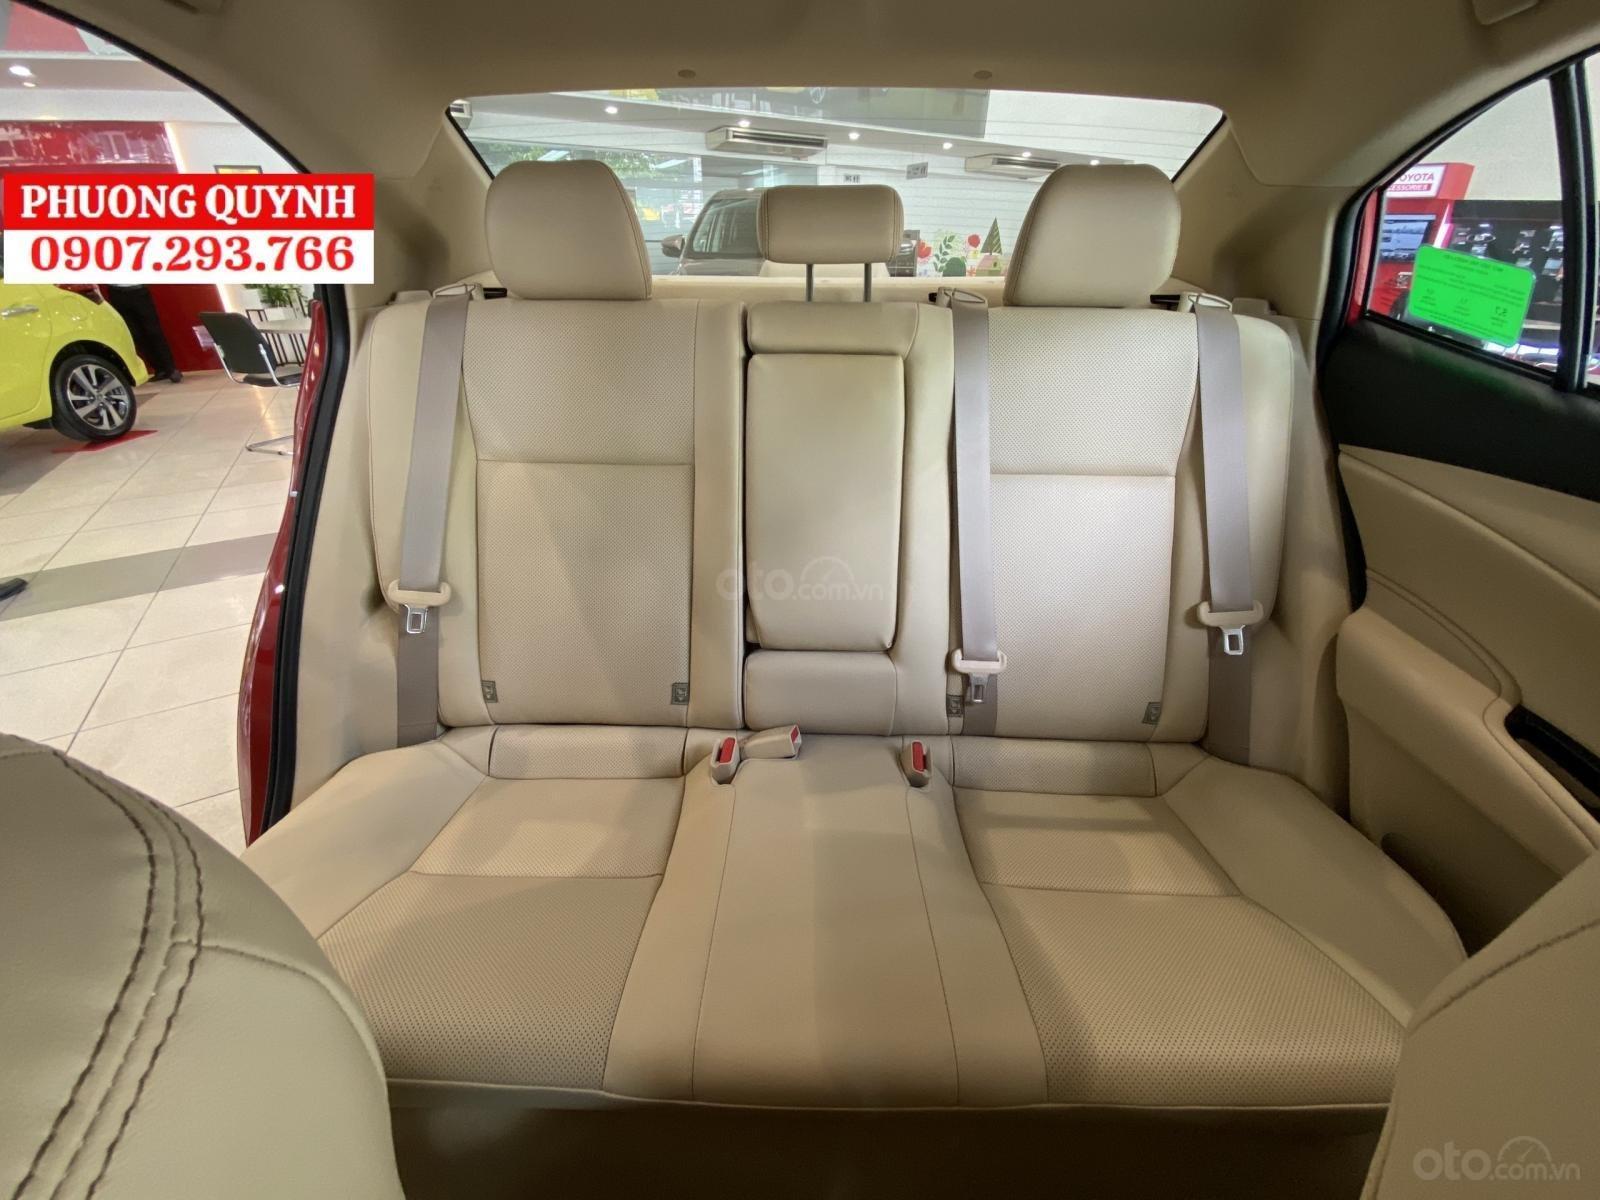 Toyota Vios 2020 giá tốt - khuyến mãi nhiều - giảm ngay 50% thuế trước bạ (6)